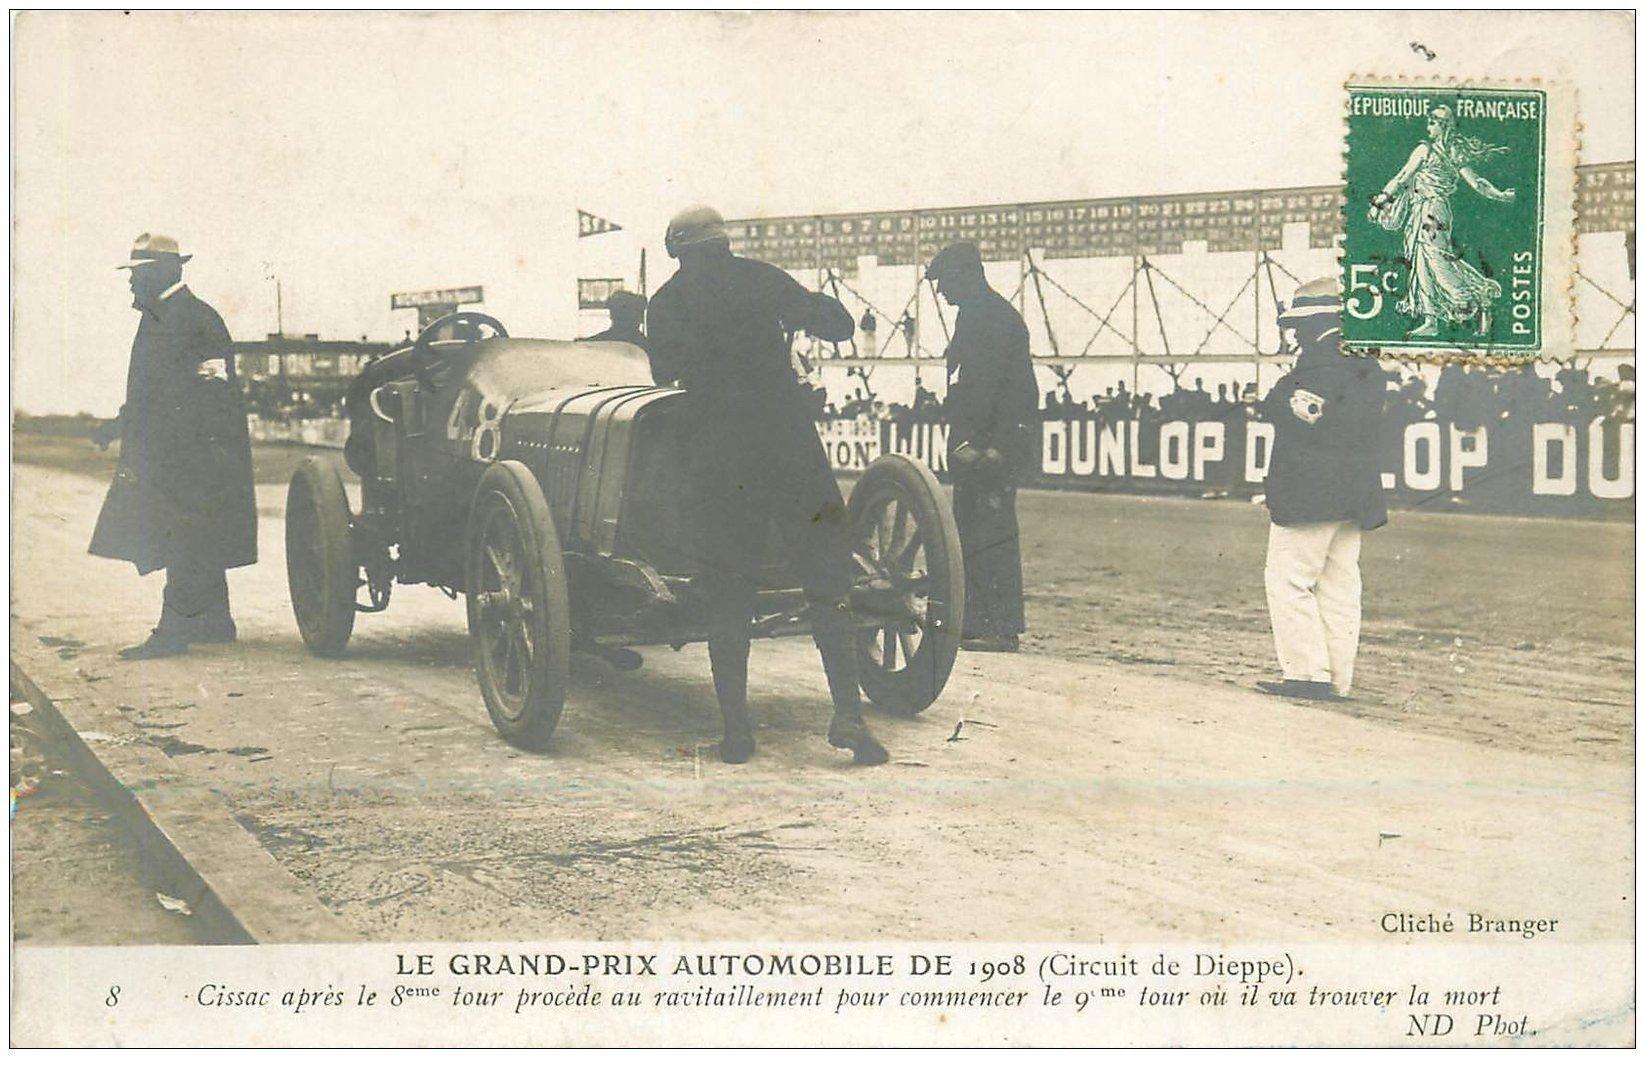 76 DIEPPE. Grand Prix Automobile. Ravitaillement de Cissac avant sa mort 1908